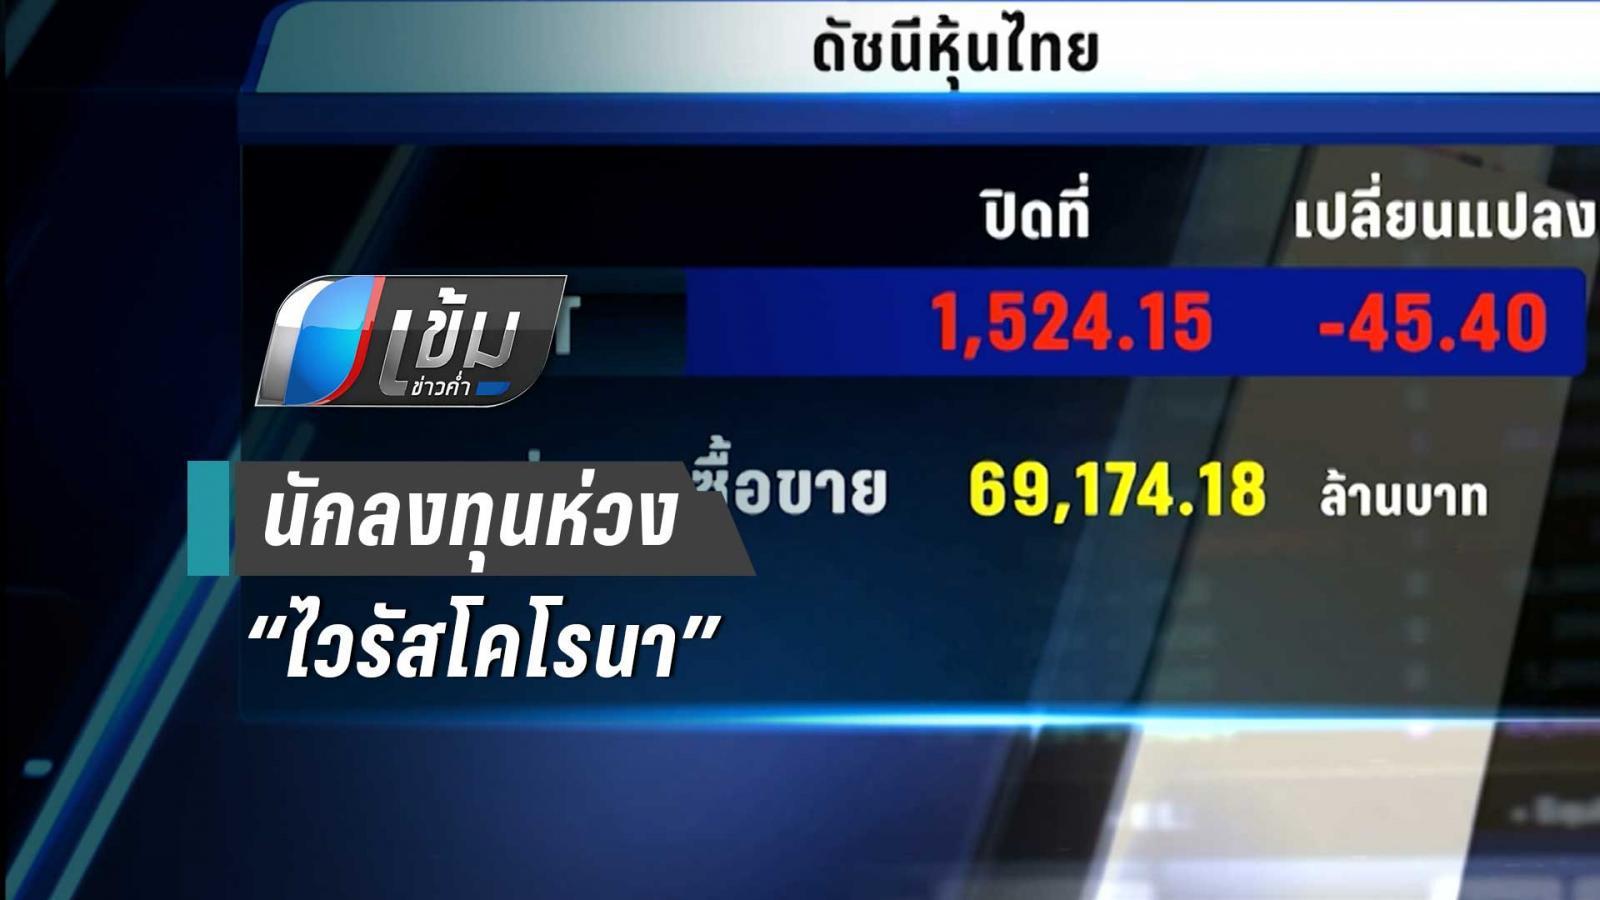 """หุ้นไทยร่วงหนักกว่า 45 จุด นักลงทุนห่วงการระบาด """"ไวรัสโคโรนา"""""""